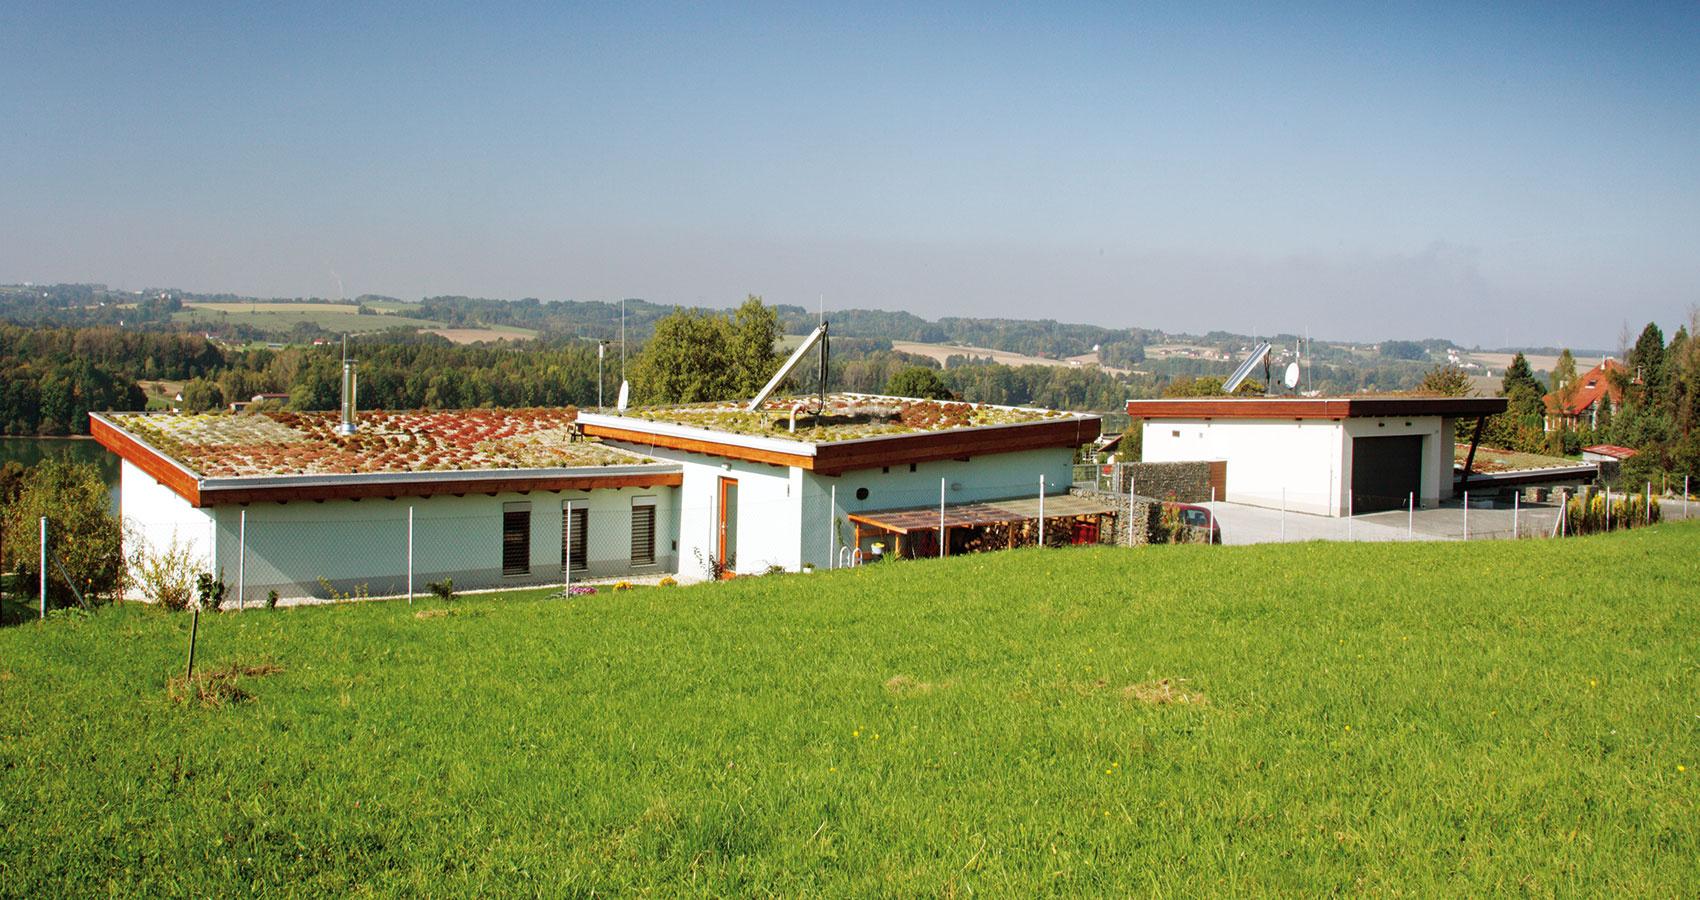 Pultové strechy nad oboma časťami domu sú porastené skalničkami avyspádované do zadnej časti pozemku. Strechy nemajú odkvapy – voda sa zadržiava vo vegetačnom súvrství aprebytok voľne steká do štrku po obvode stavby.